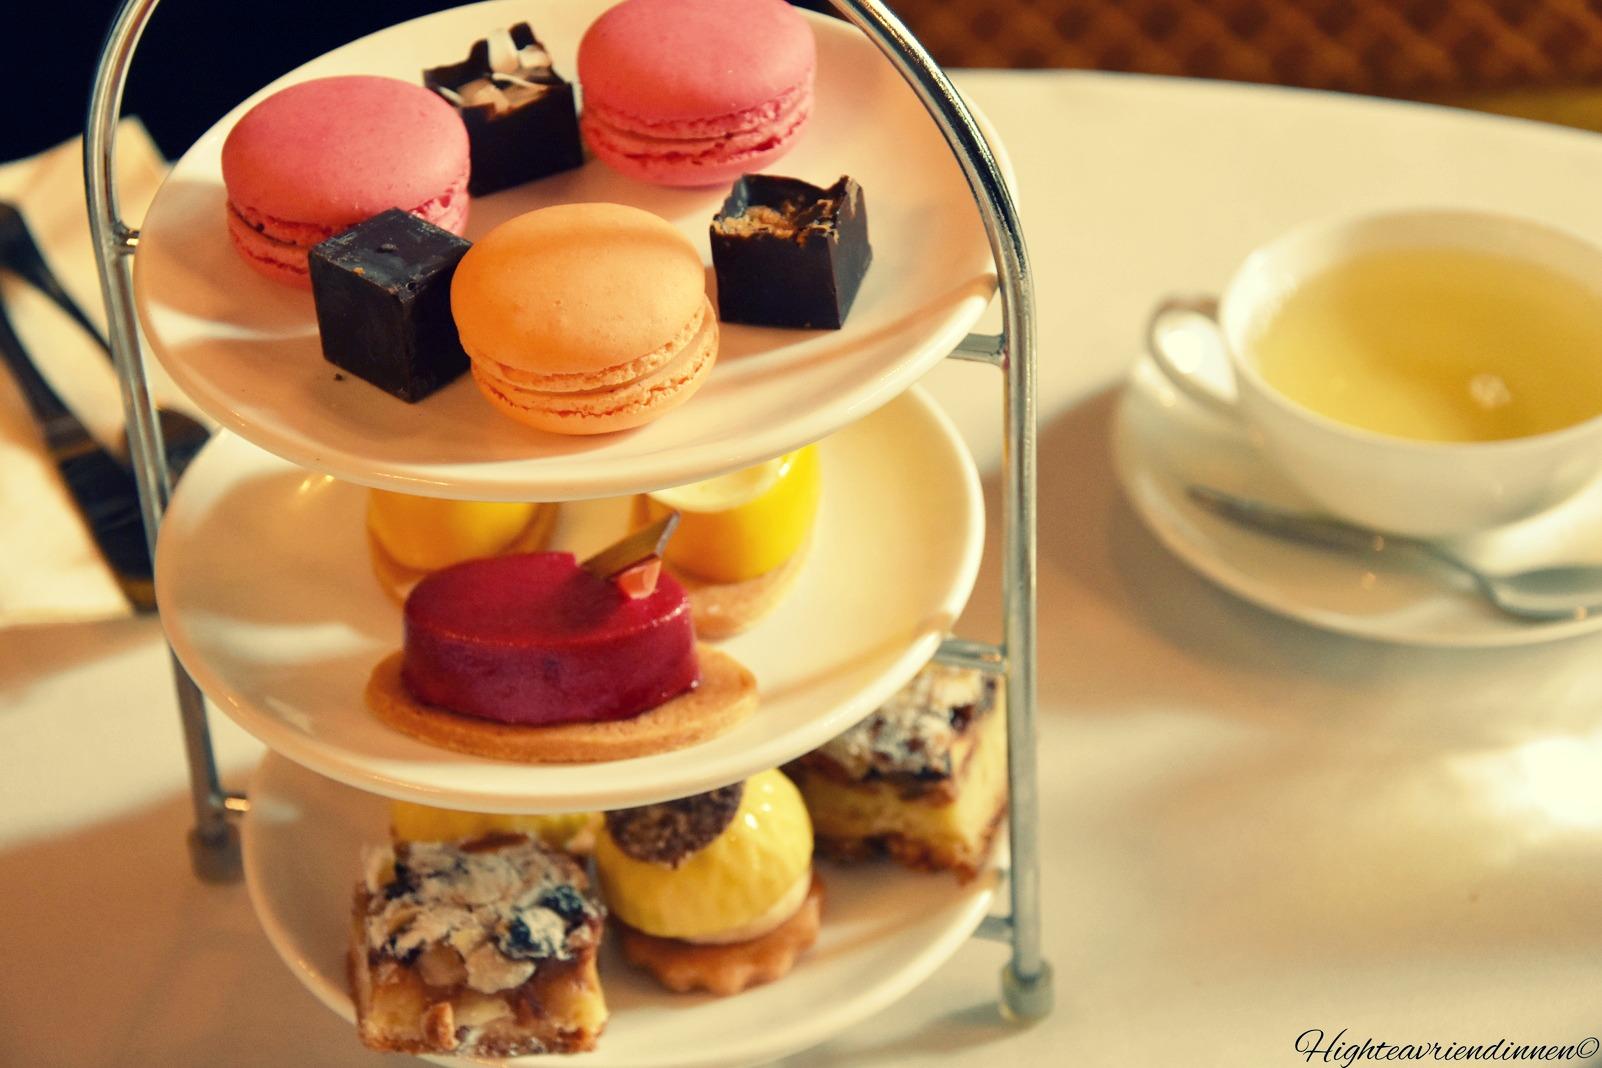 Tassenmuseum Hendrikje, high tea vriendinnen, high tea